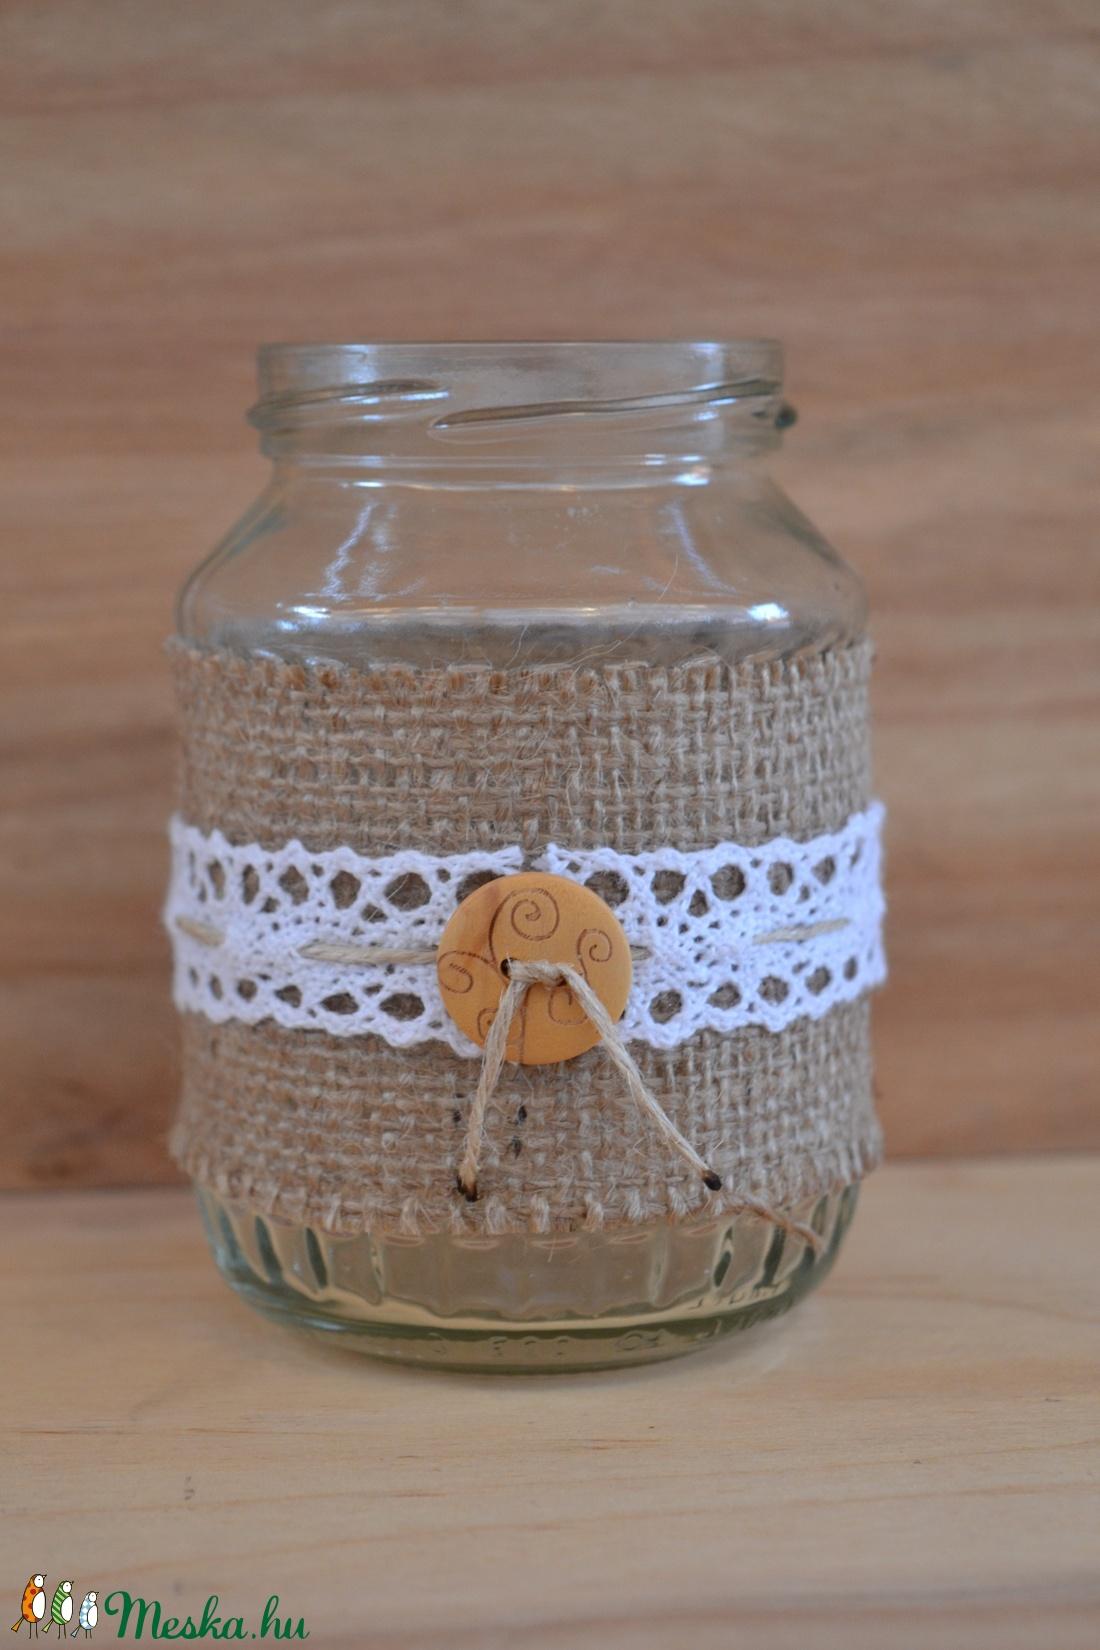 Befőttes kicsi üveg esküvőre 3# (szanadekor) - Meska.hu